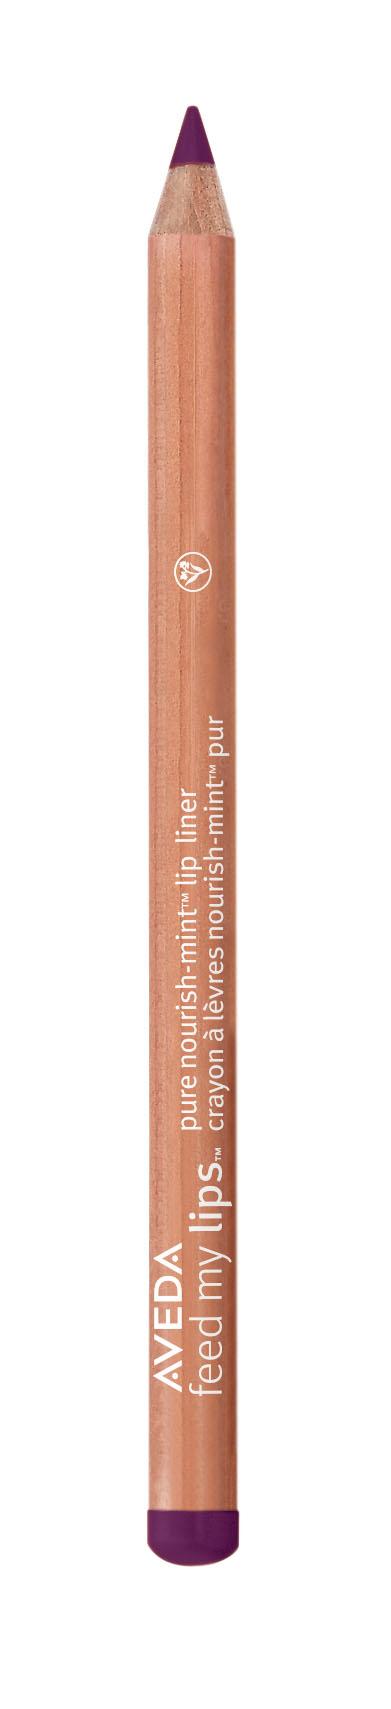 Aveda Lip Liner Currant